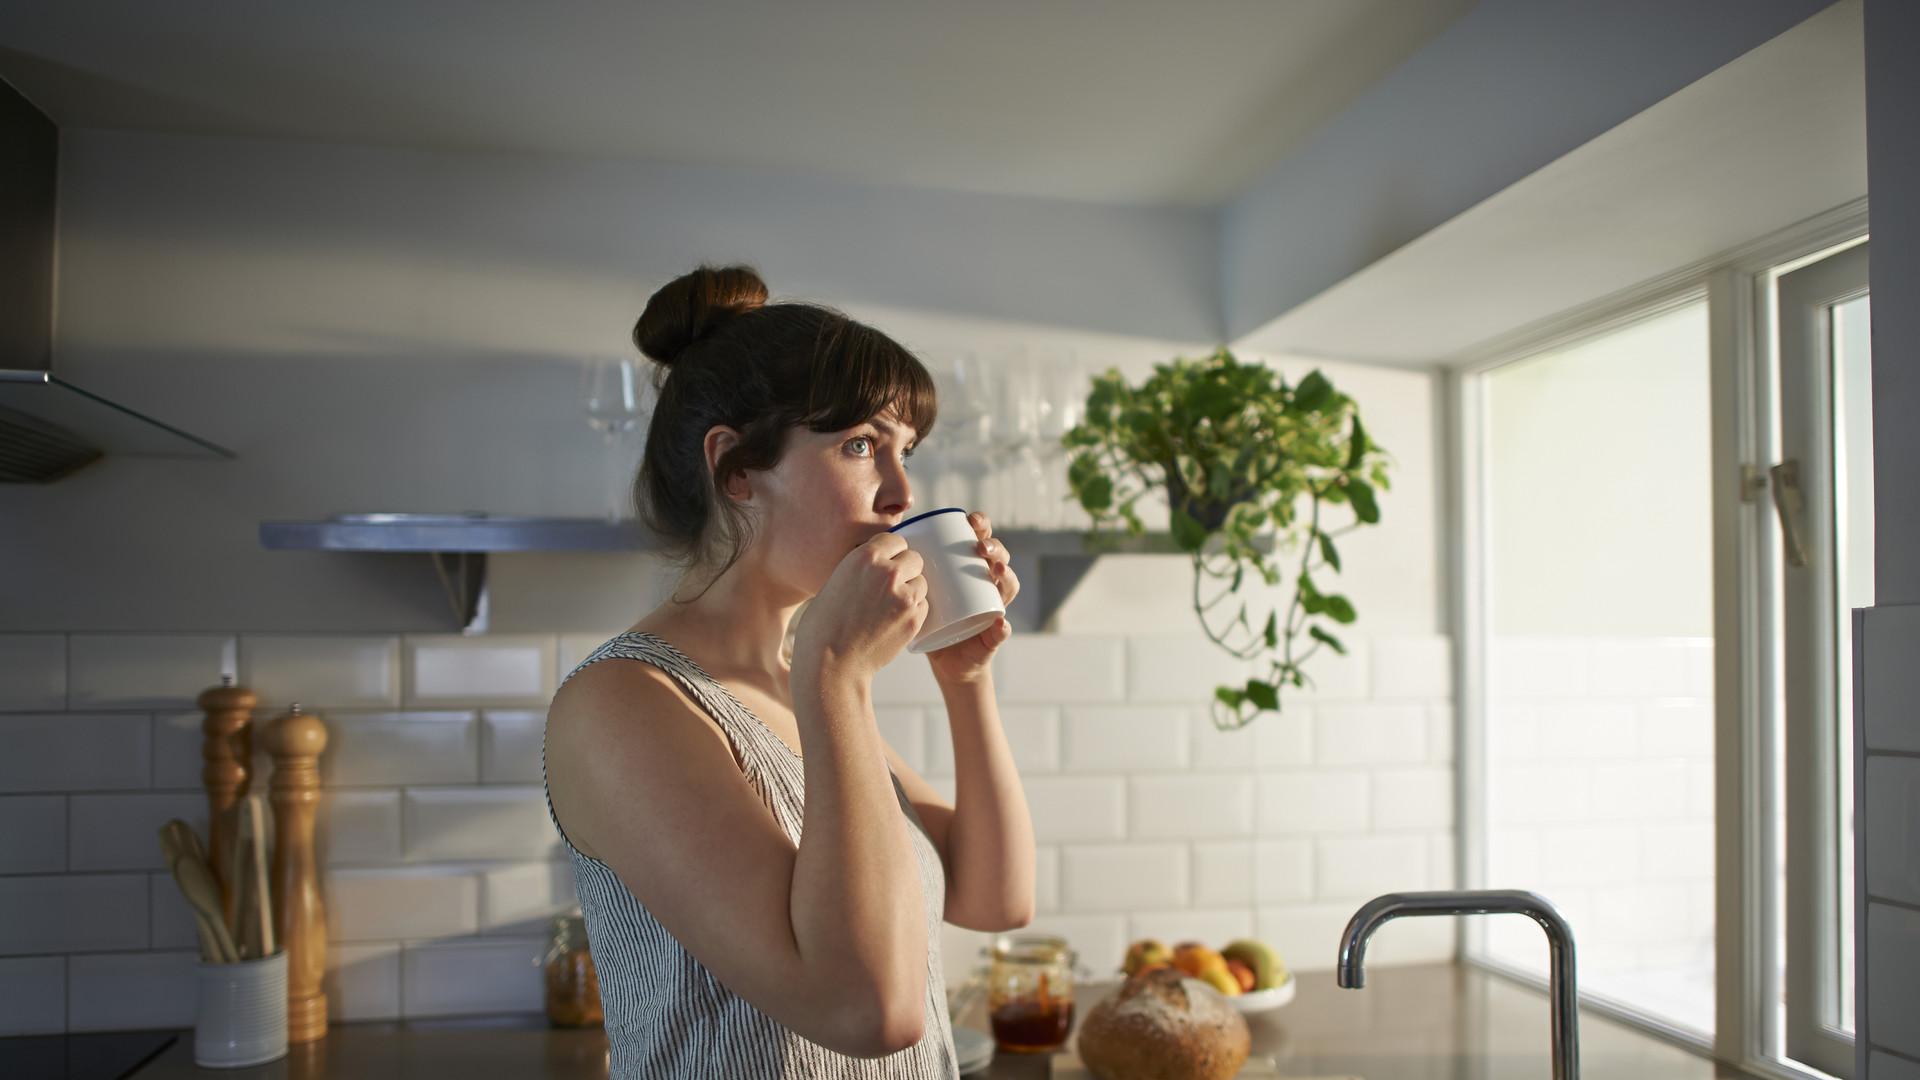 Woman drinking from mug in zero waste kitchen.